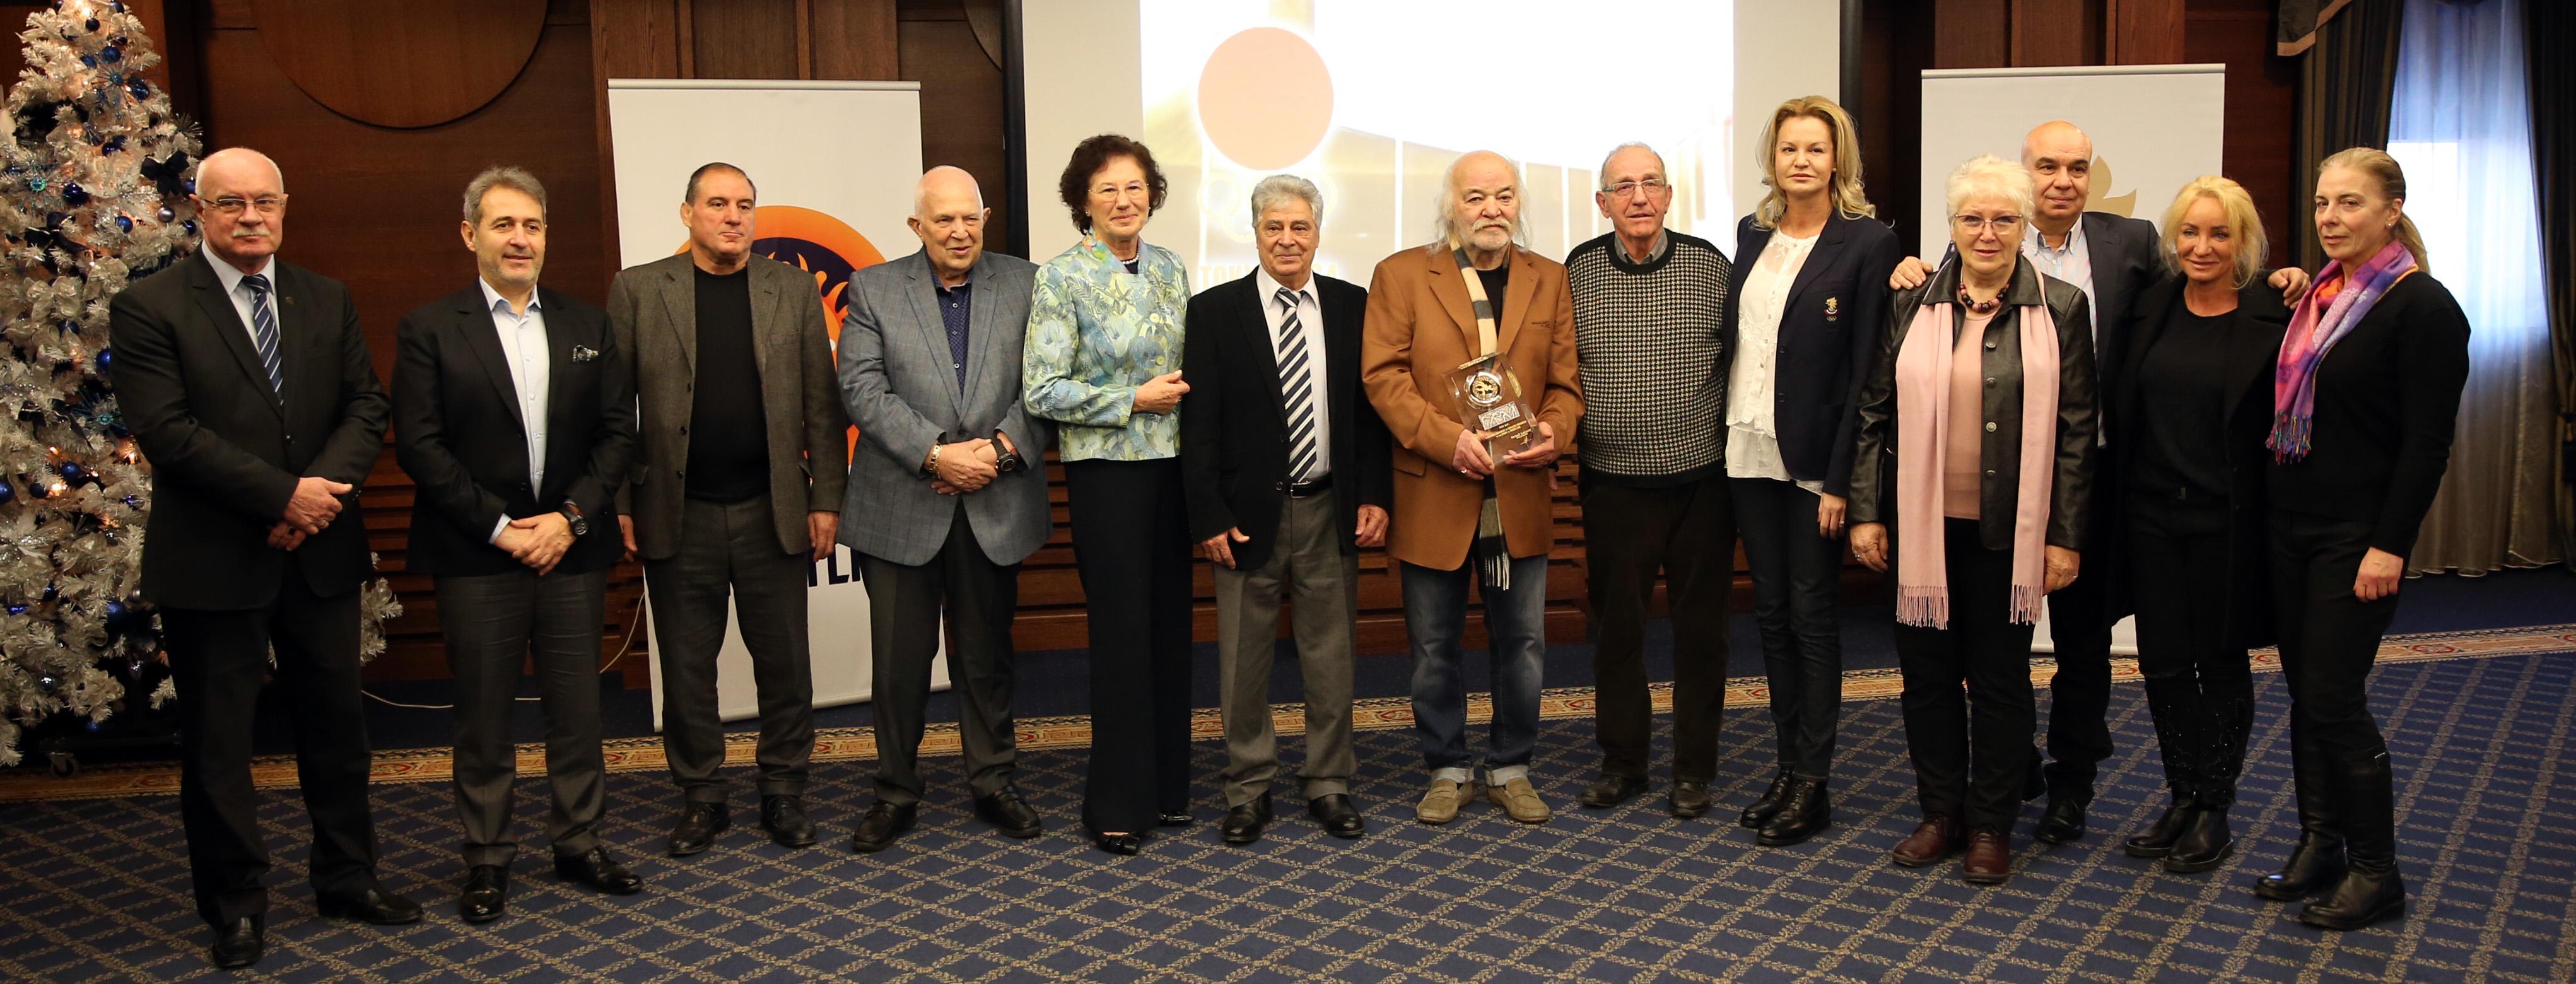 Боян Радев в компанията на олимпийски шампиони и медалисти